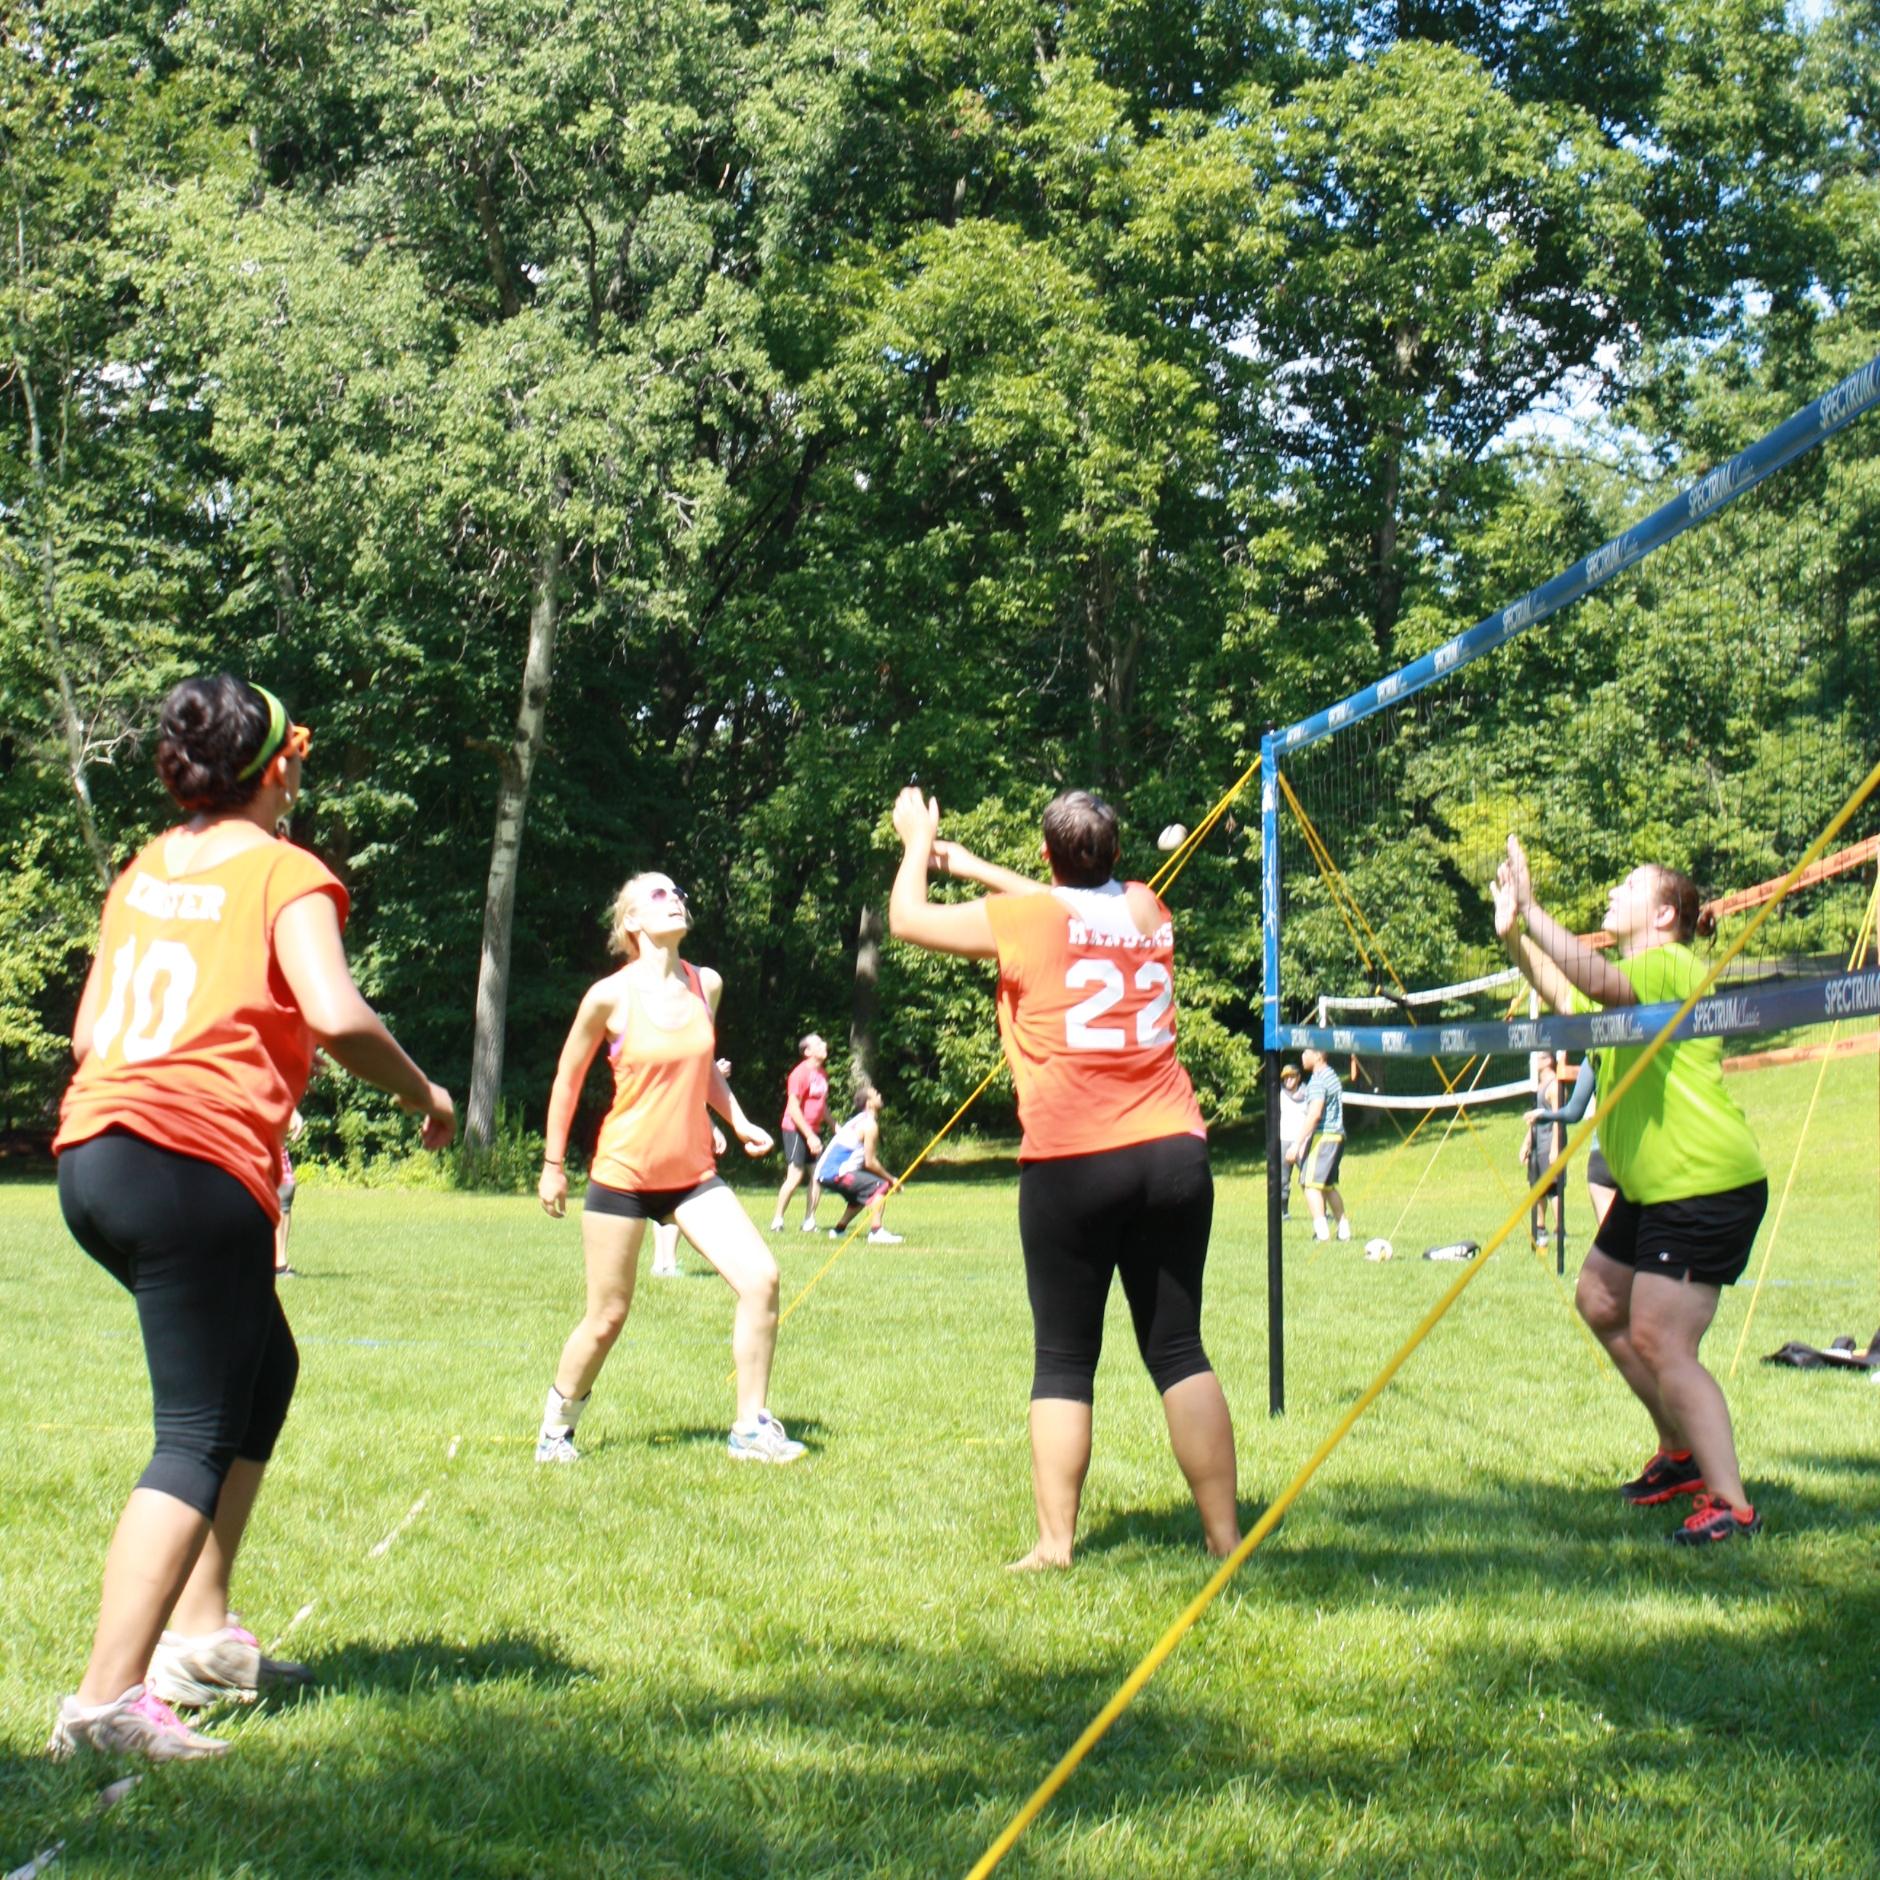 Plan a volleyball tournament